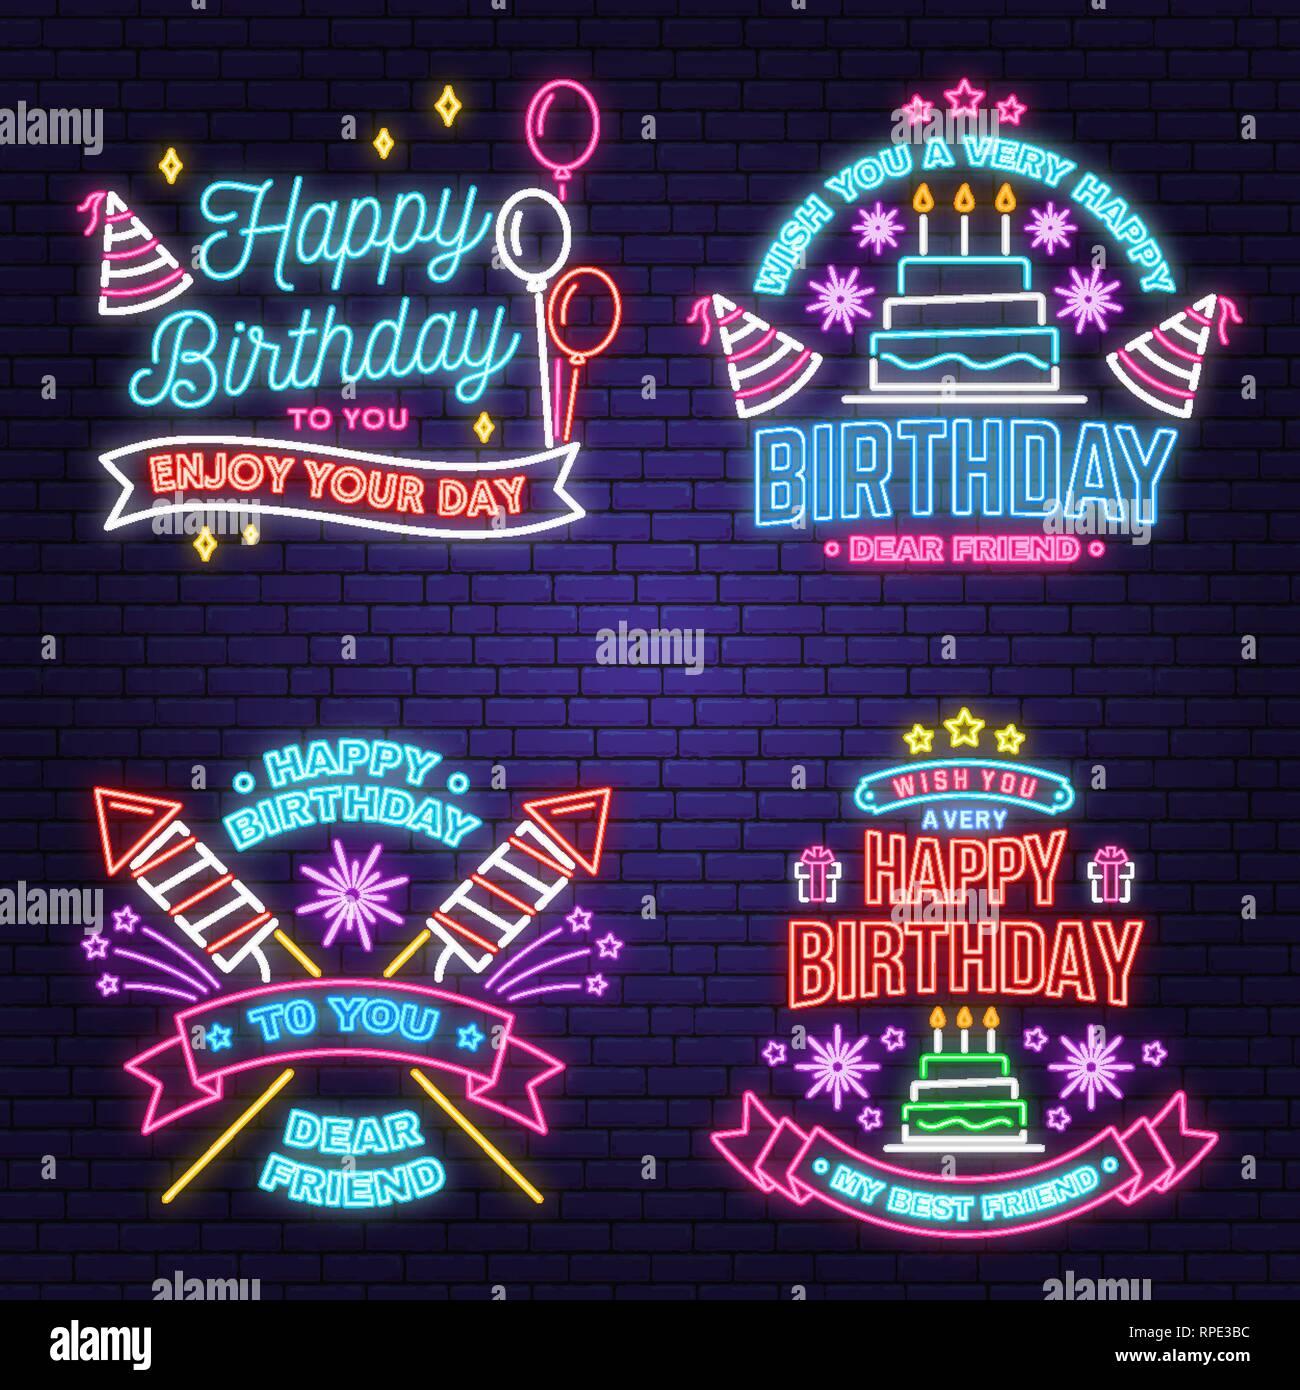 Le deseo un muy feliz cumpleaños querido amigo signo de neón. Insignia, Etiqueta, Tarjeta, con sombrero de cumpleaños, fuegos artificiales y el pastel con las velas. Vector. Diseño de neón para la celebración del cumpleaños de emblema. Cartel de neón de noche Ilustración del Vector